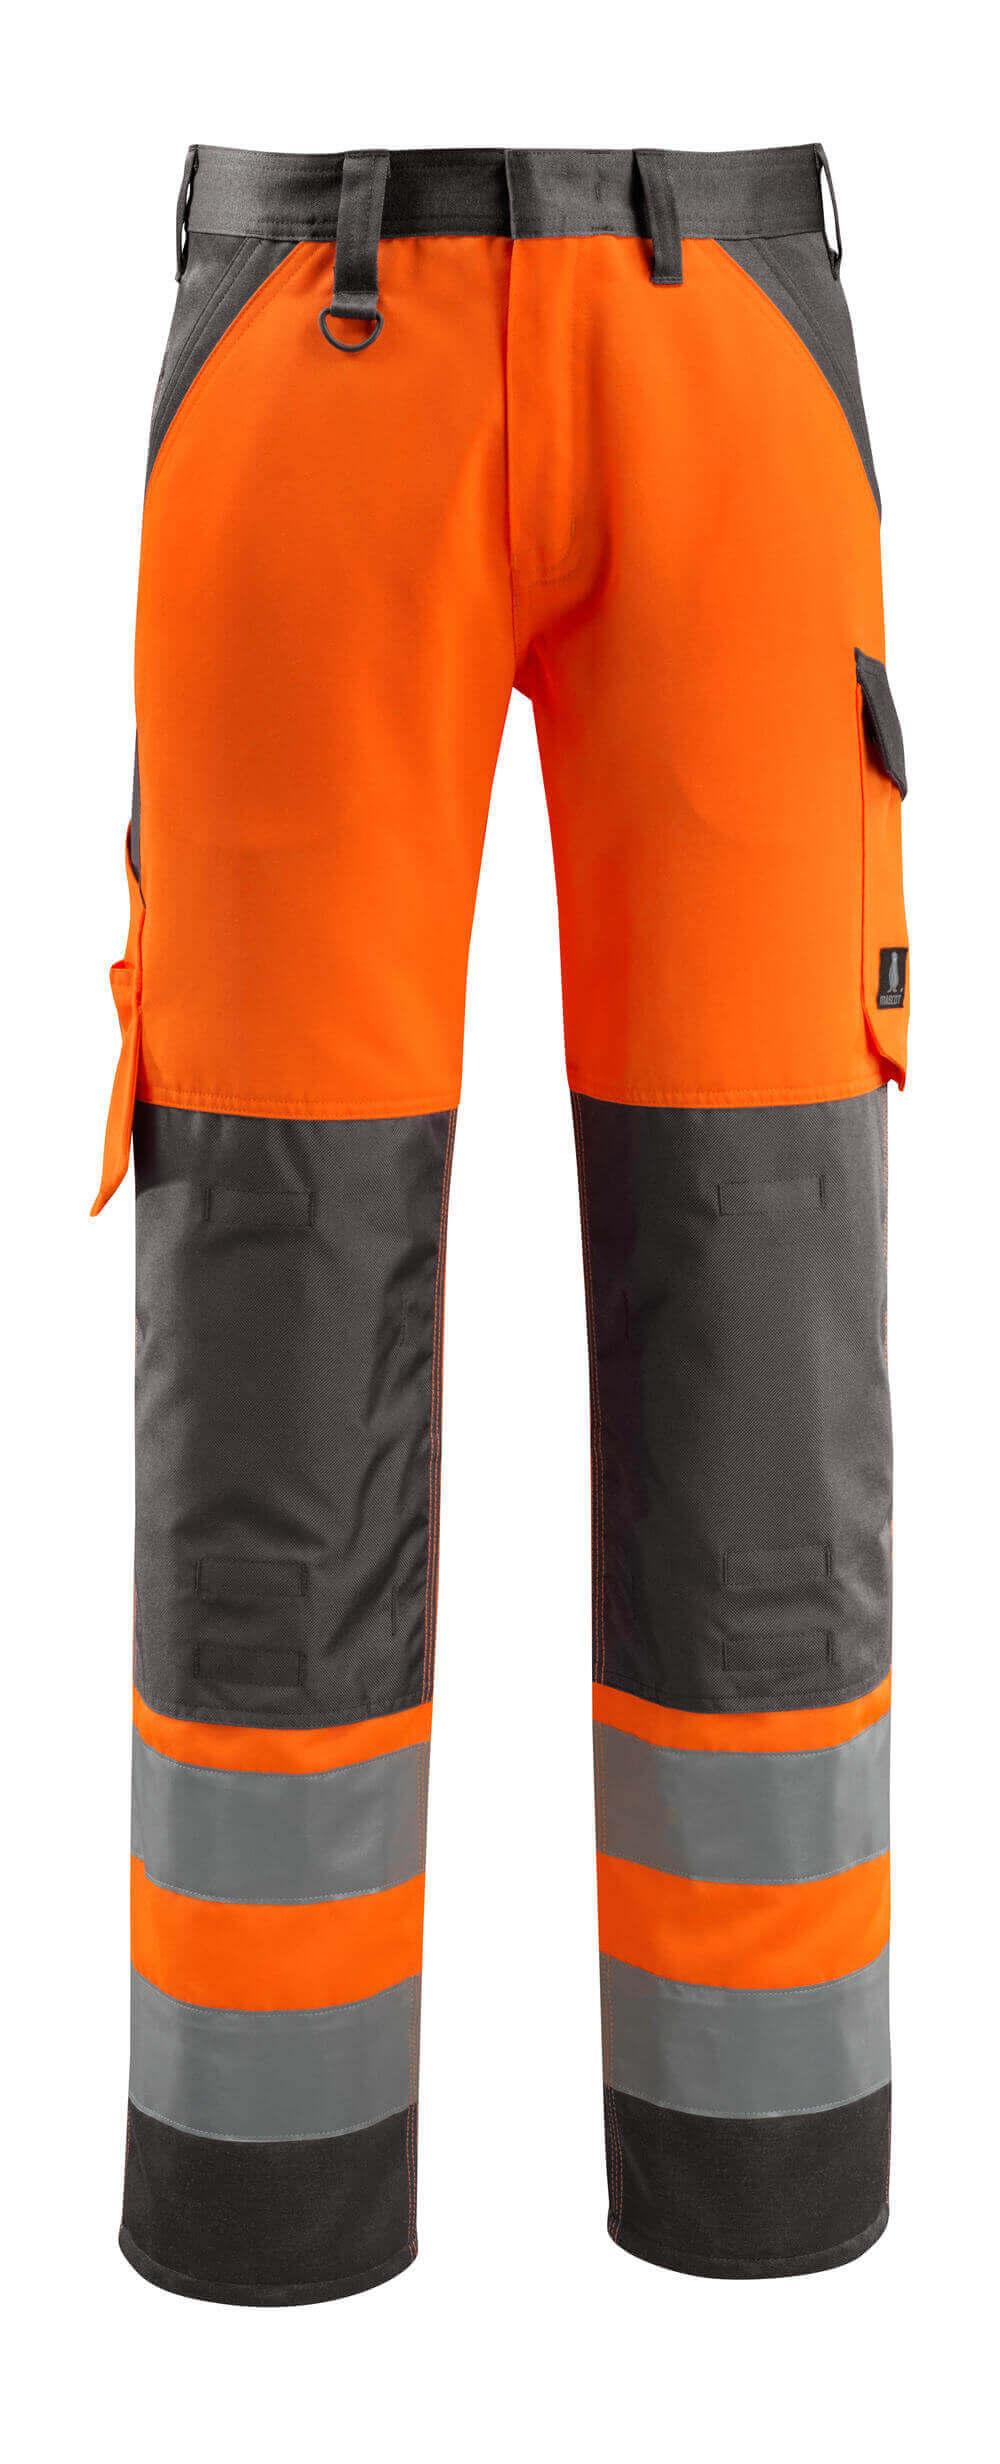 15979-948-1418 Byxor med knäfickor - hi-vis orange/mörk antracit